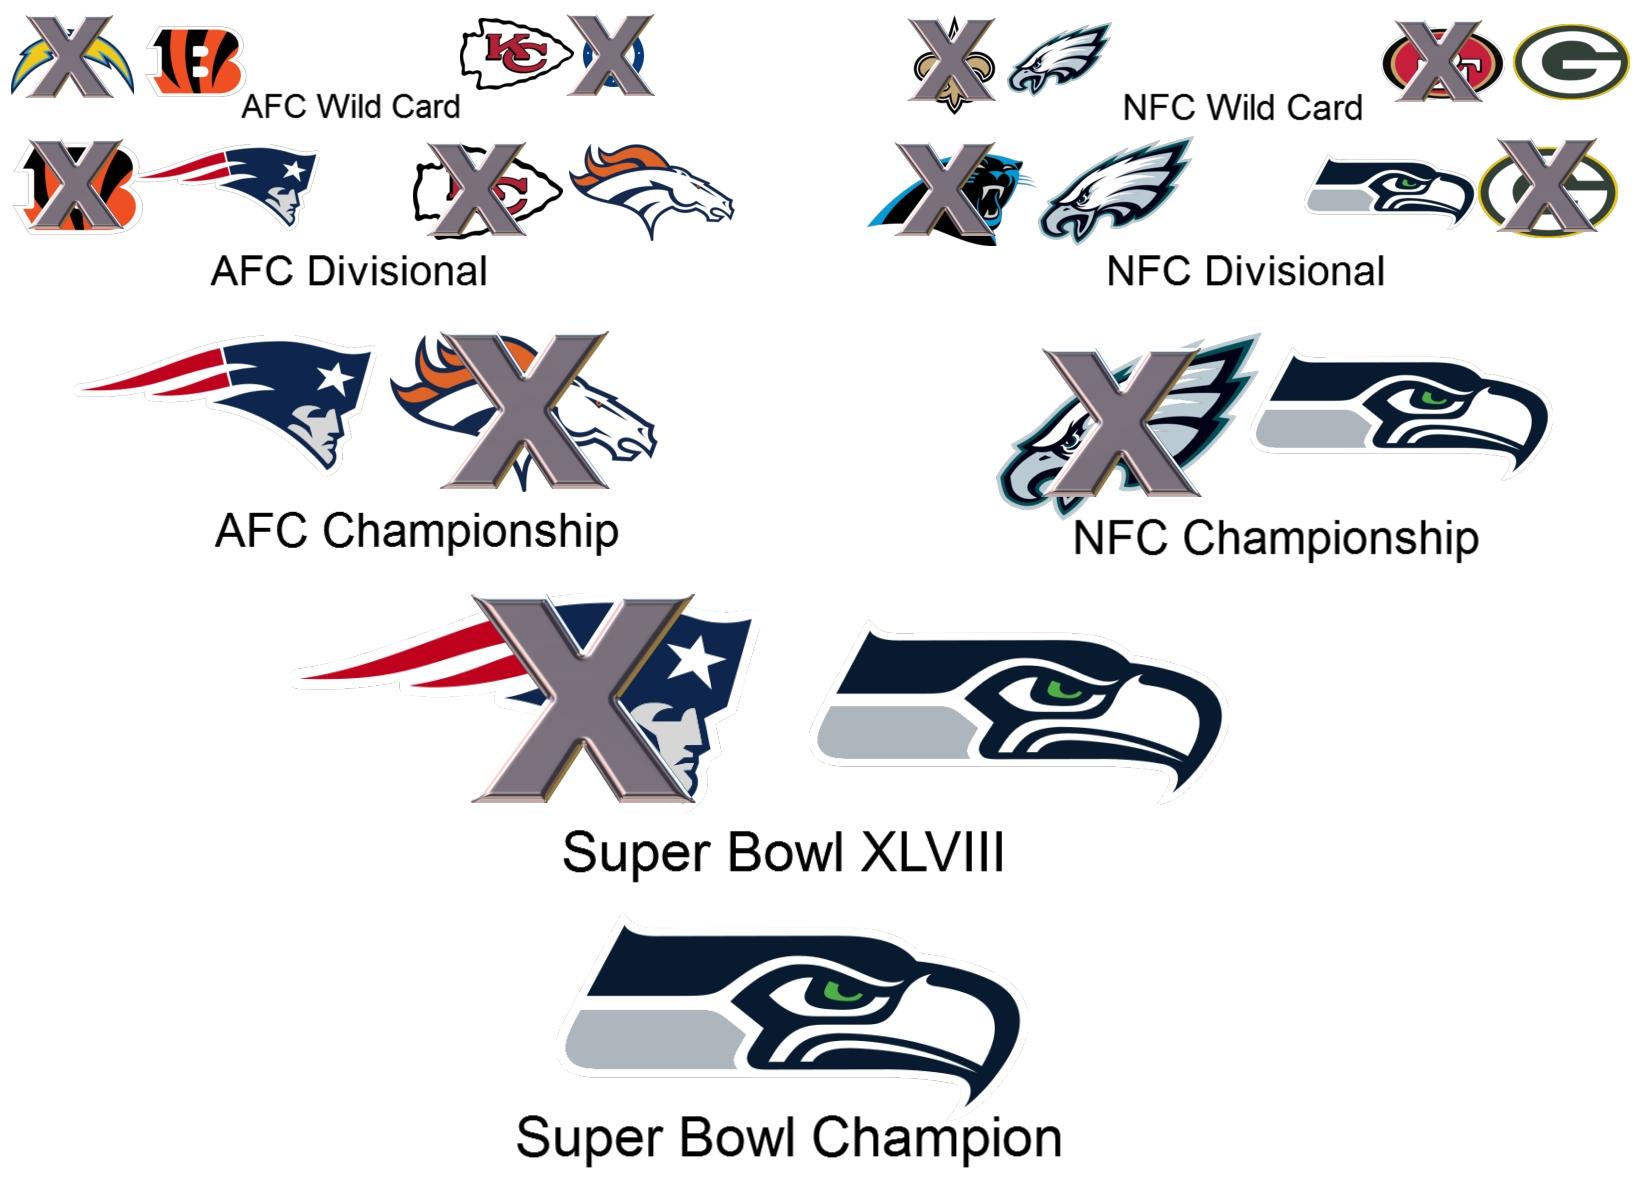 NFL Super Bowl 2014